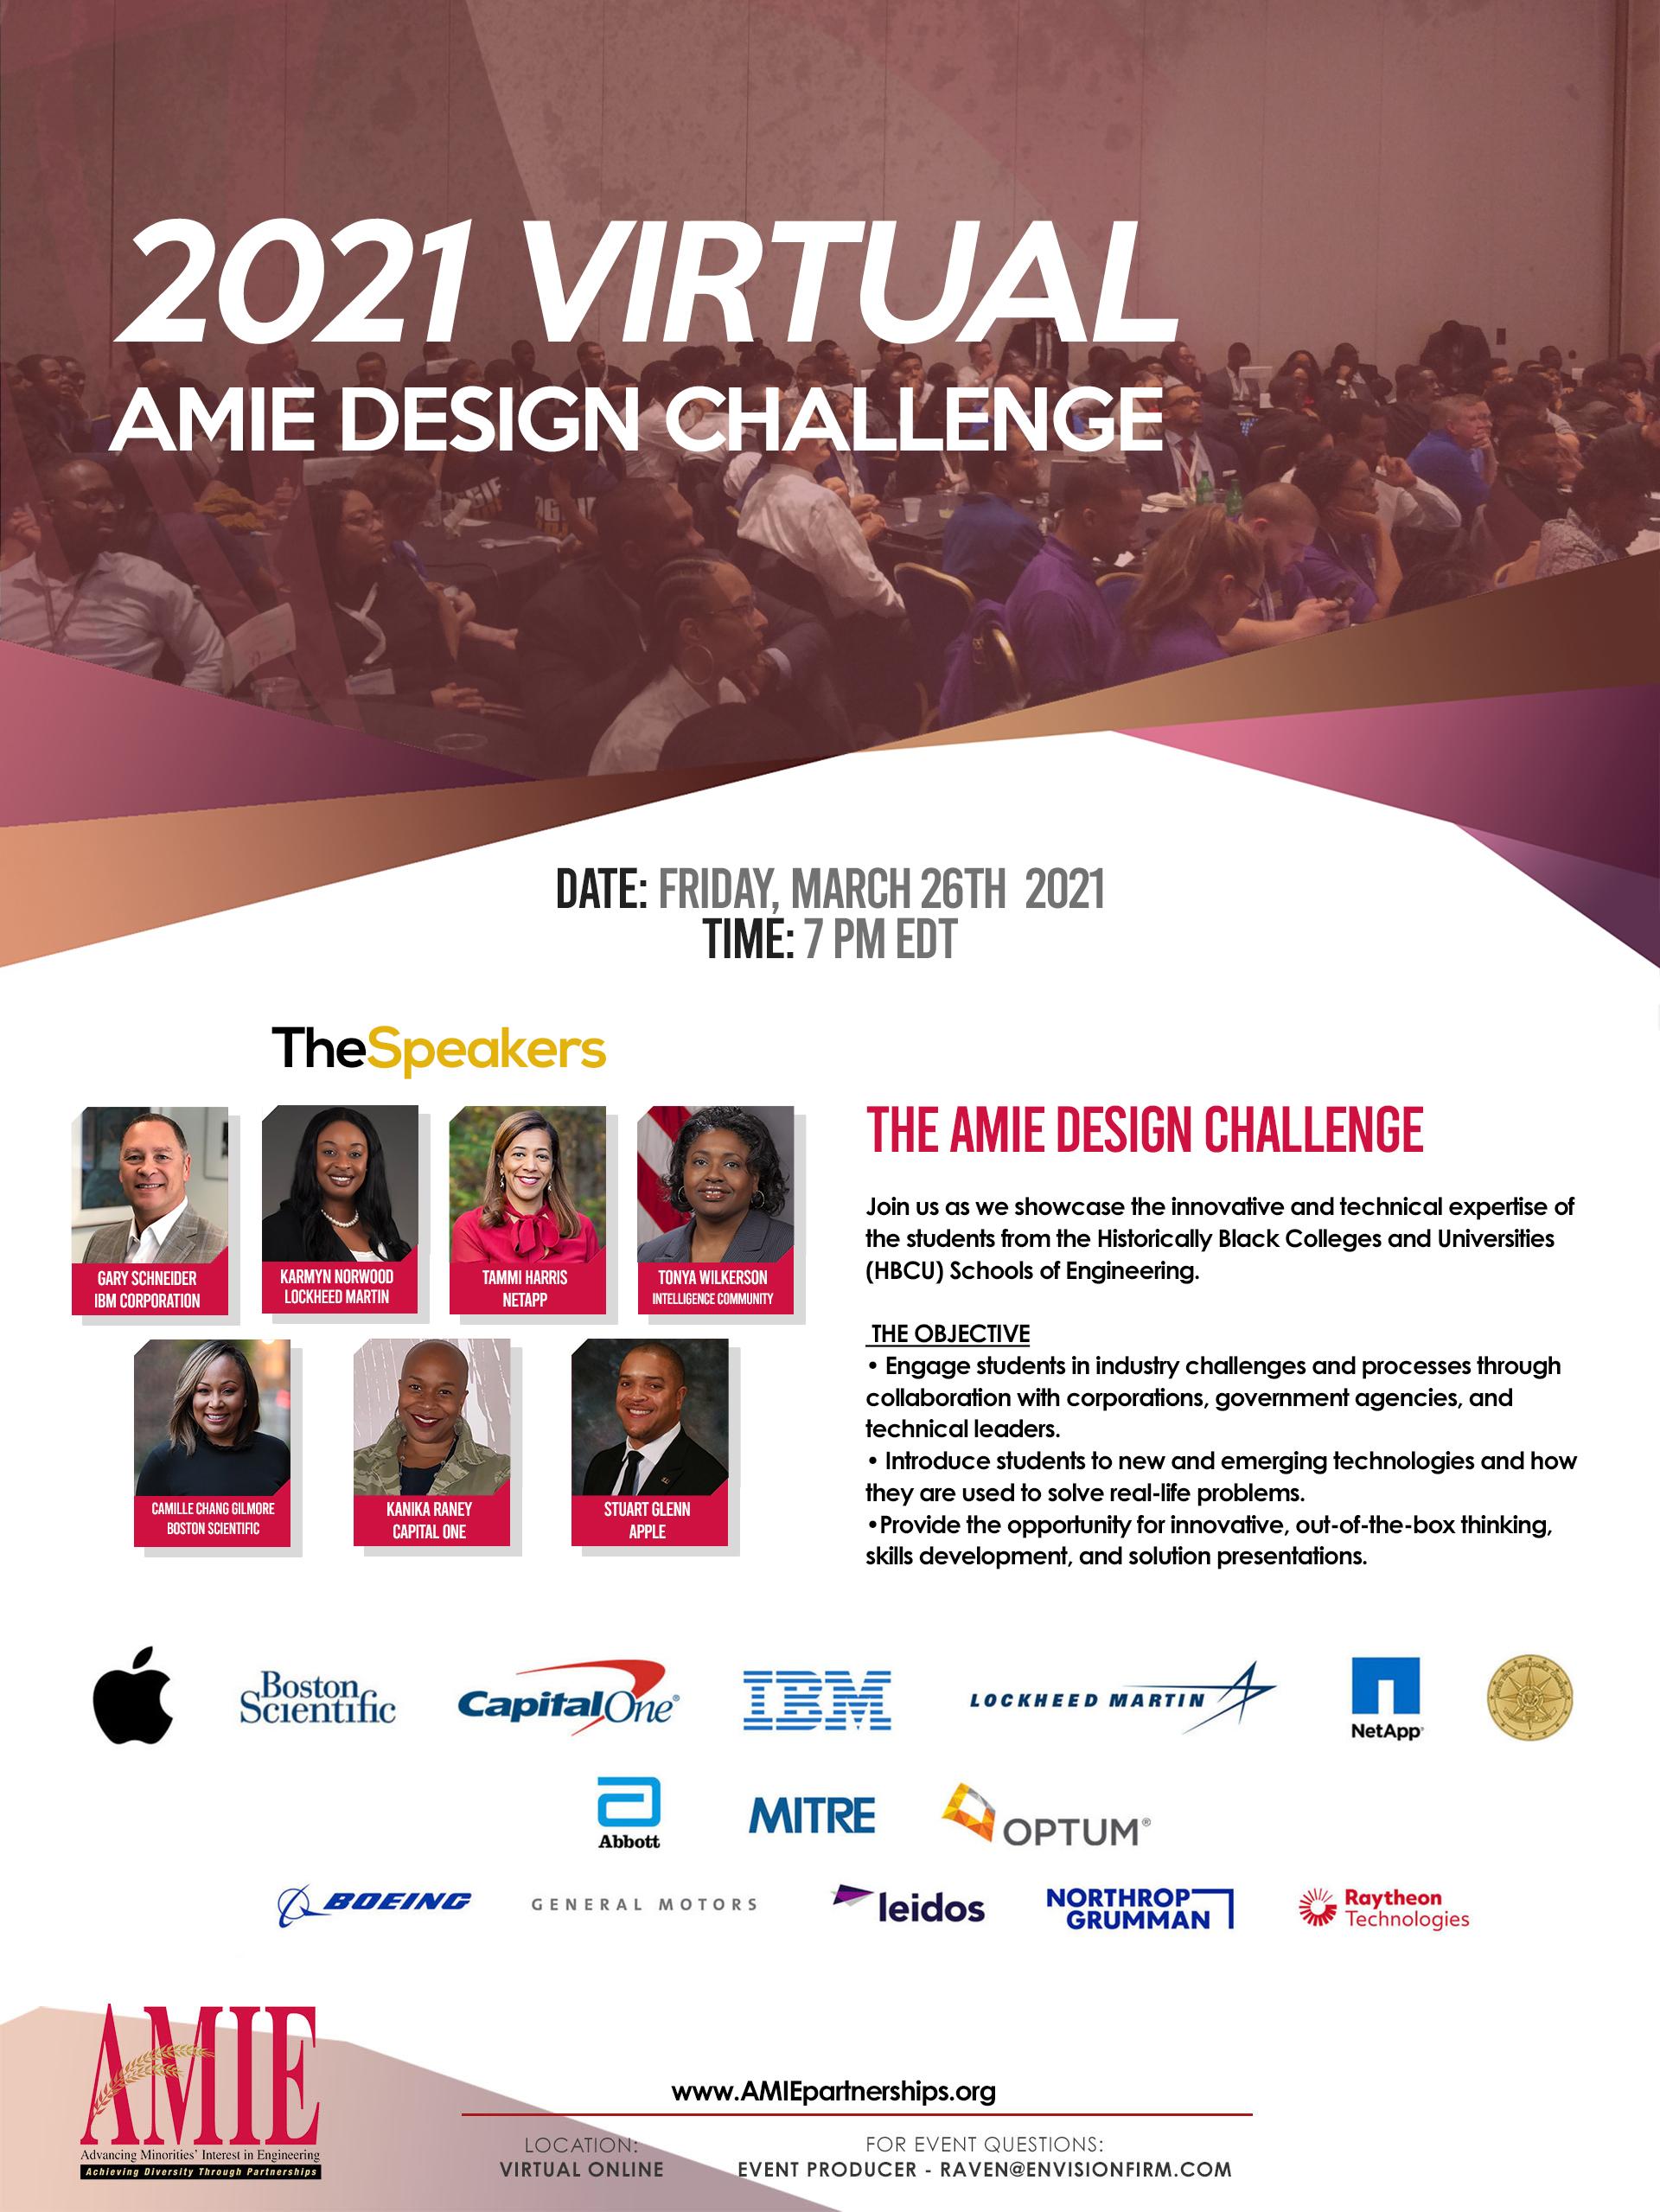 2021 AMIE Design Challenge